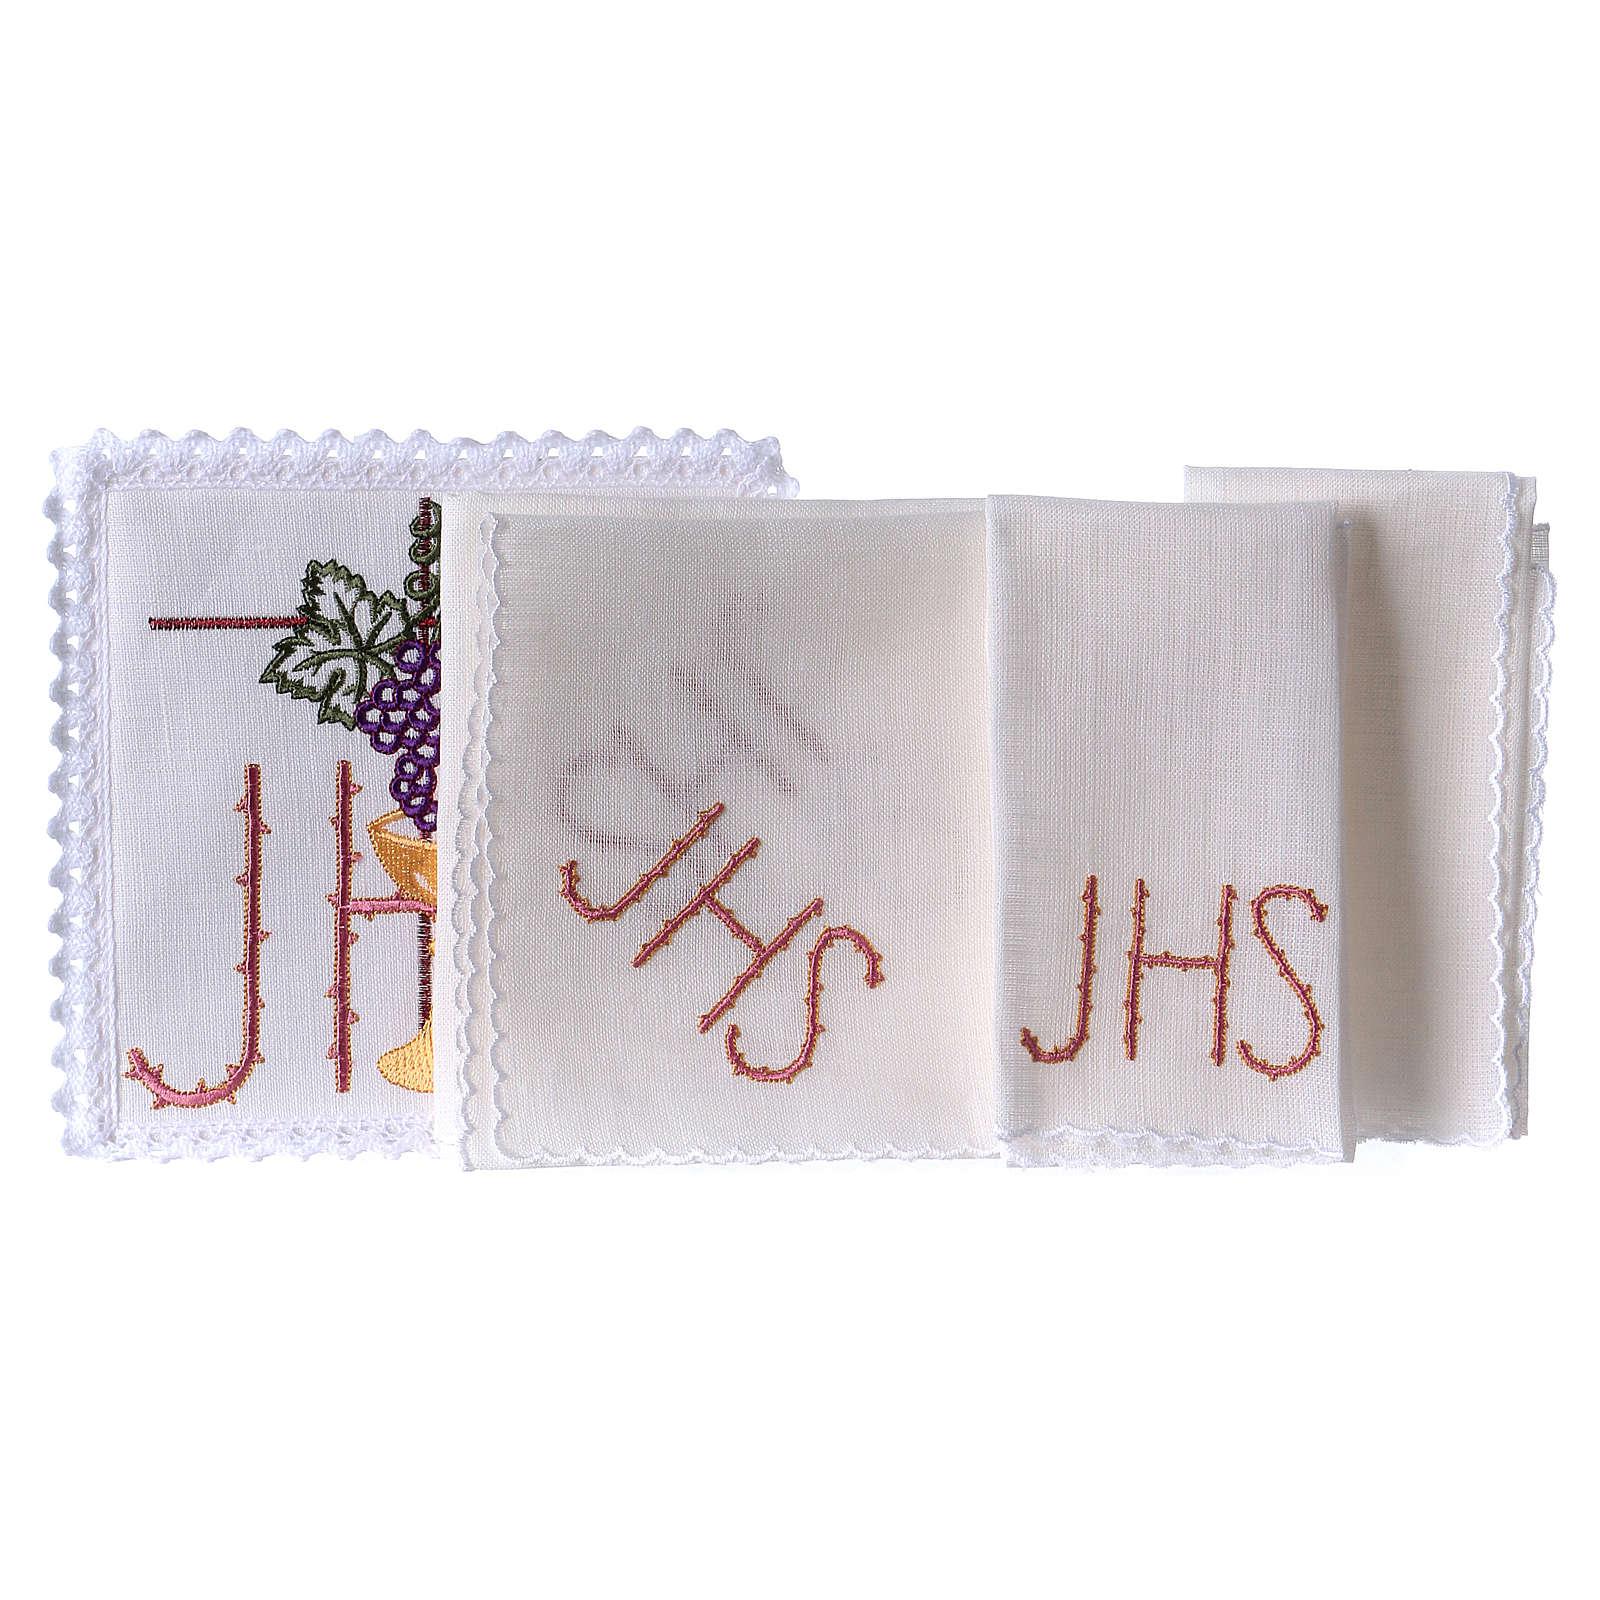 Servizio da altare lino calice foglia uva simbolo JHS spinato 4